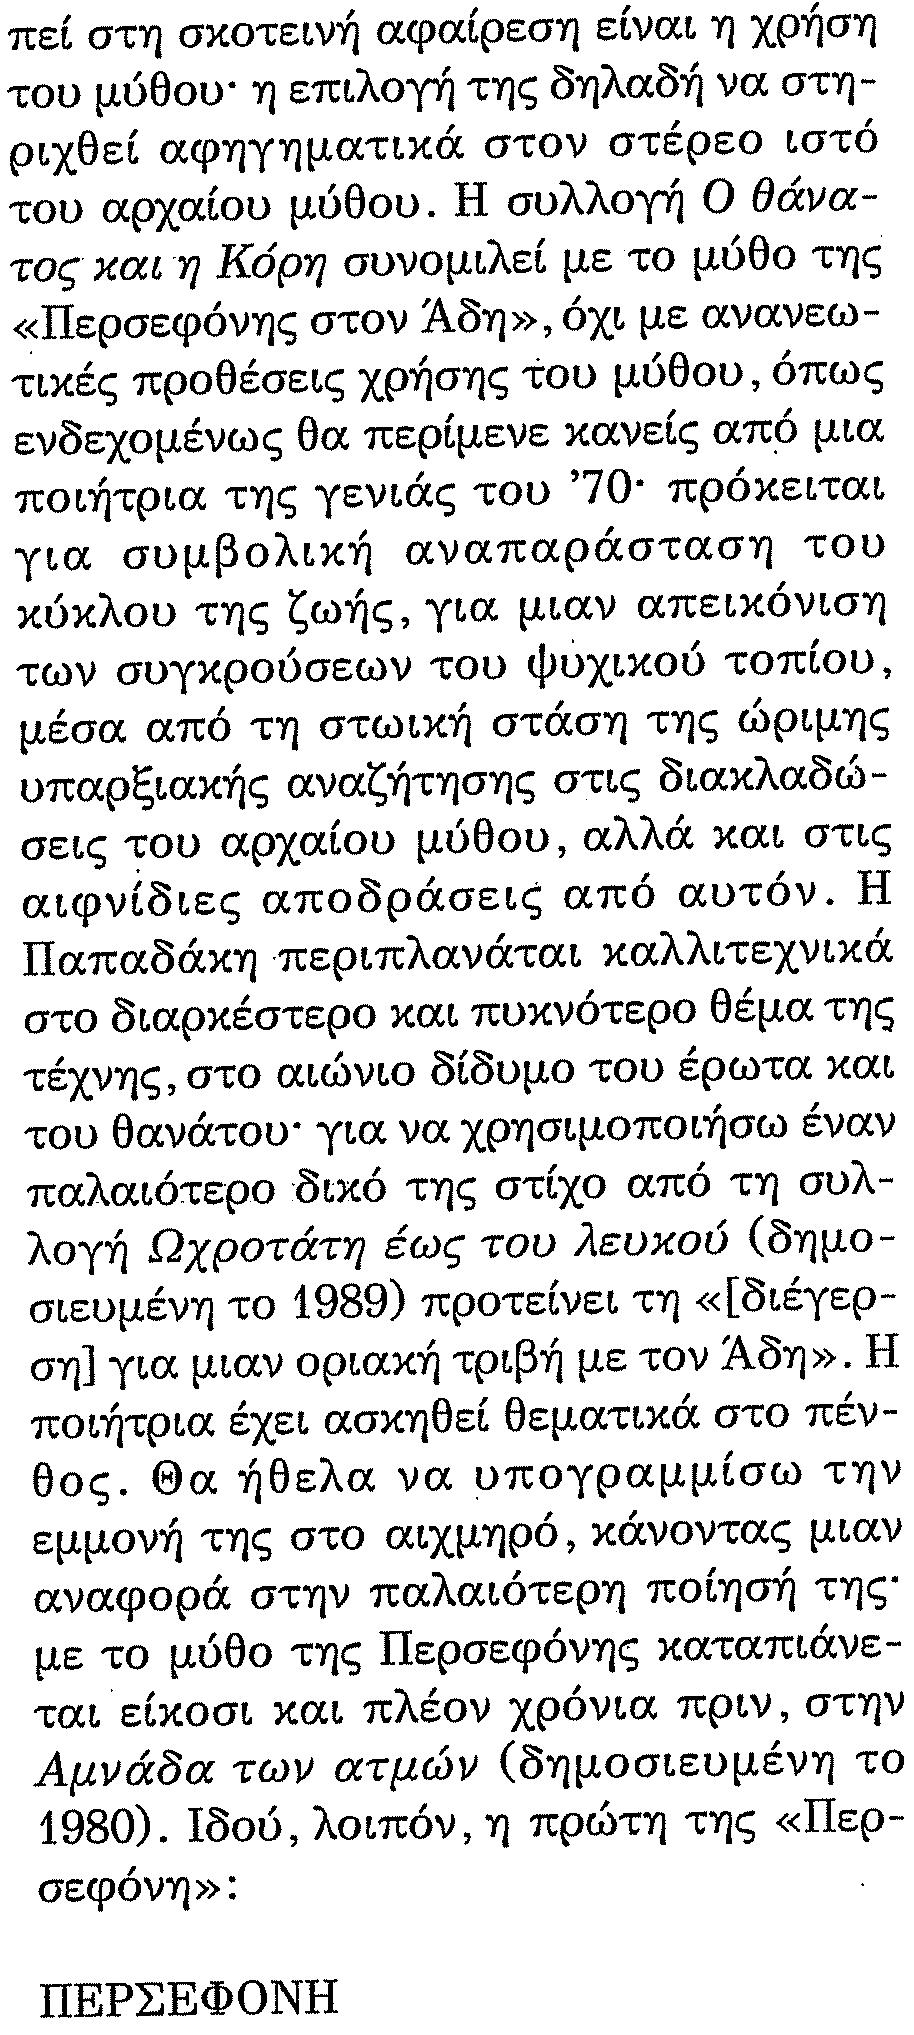 ΑΝΝΑ ΚΑΤΣΙΓΙΑΝΝΗ, Η ΠΕΡΣΕΦΟΝΗ ΚΑΙ ΤΟ ΡΟΔΙ2